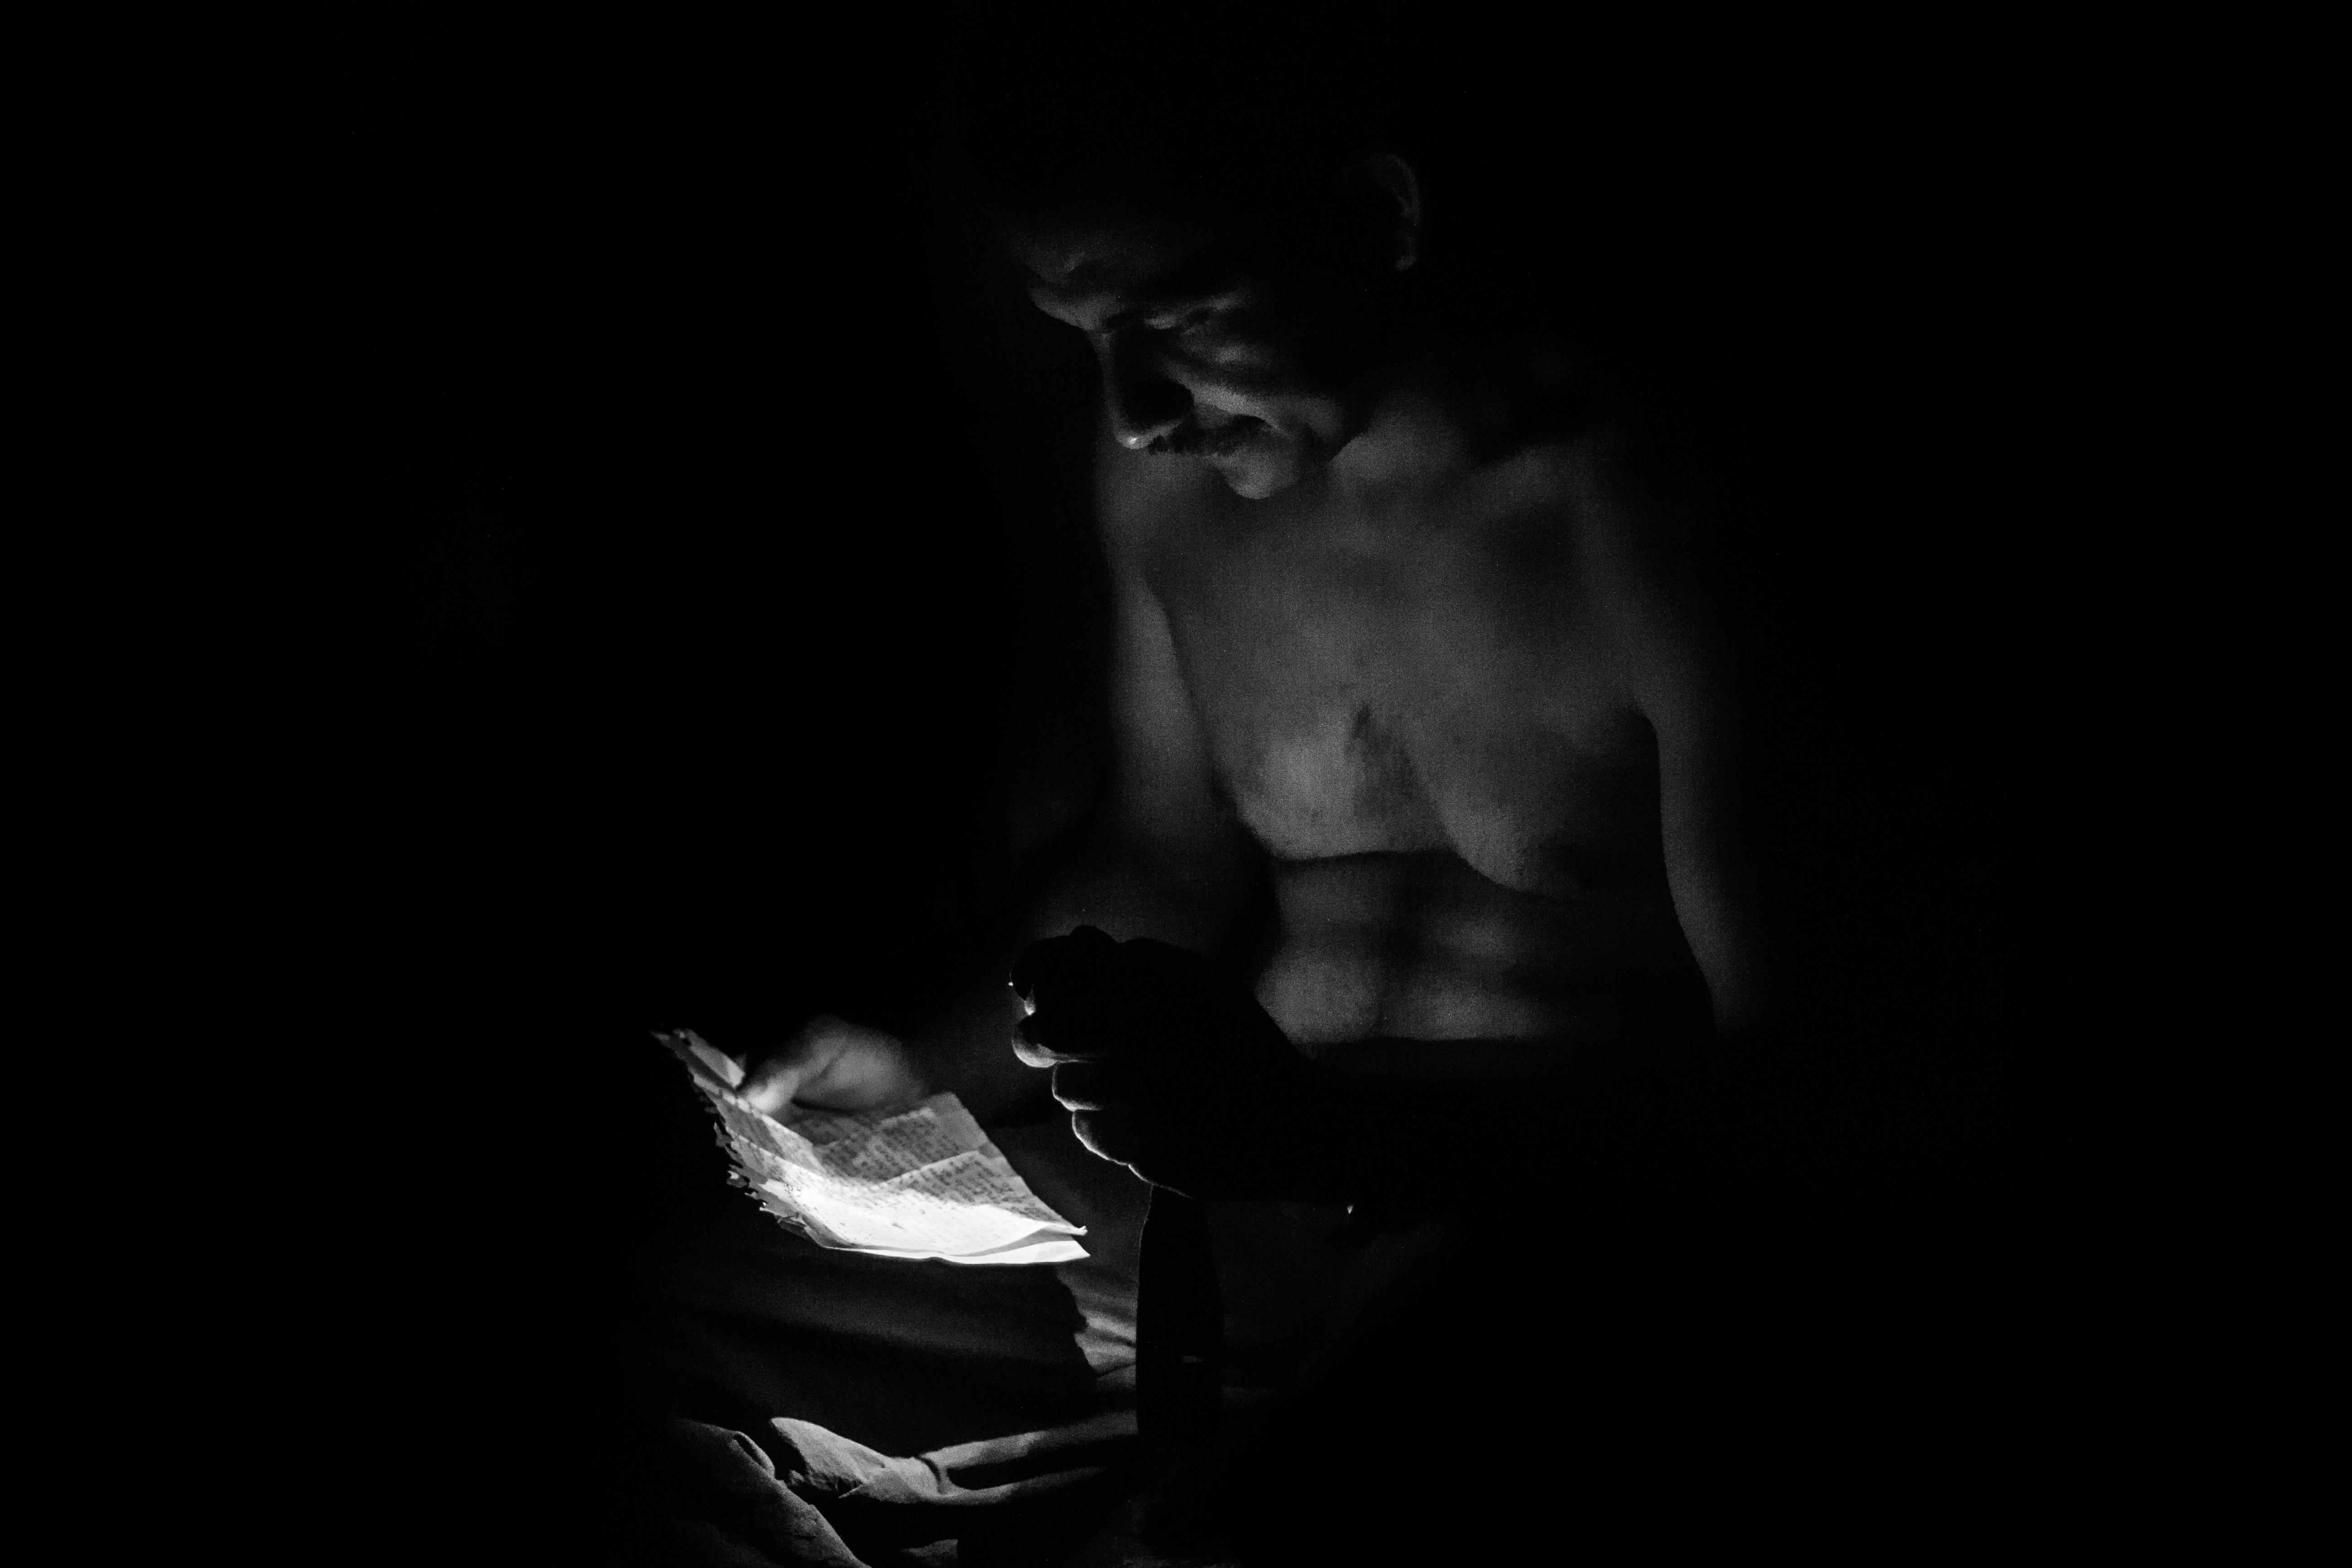 """Jefferson """"gato"""", guerrillero del Frente 15 de las FARC, lee una carta que le ha enviado un familiar. En su caleta solo utiliza una mínima luz roja que deja ver solo un poco su silueta."""